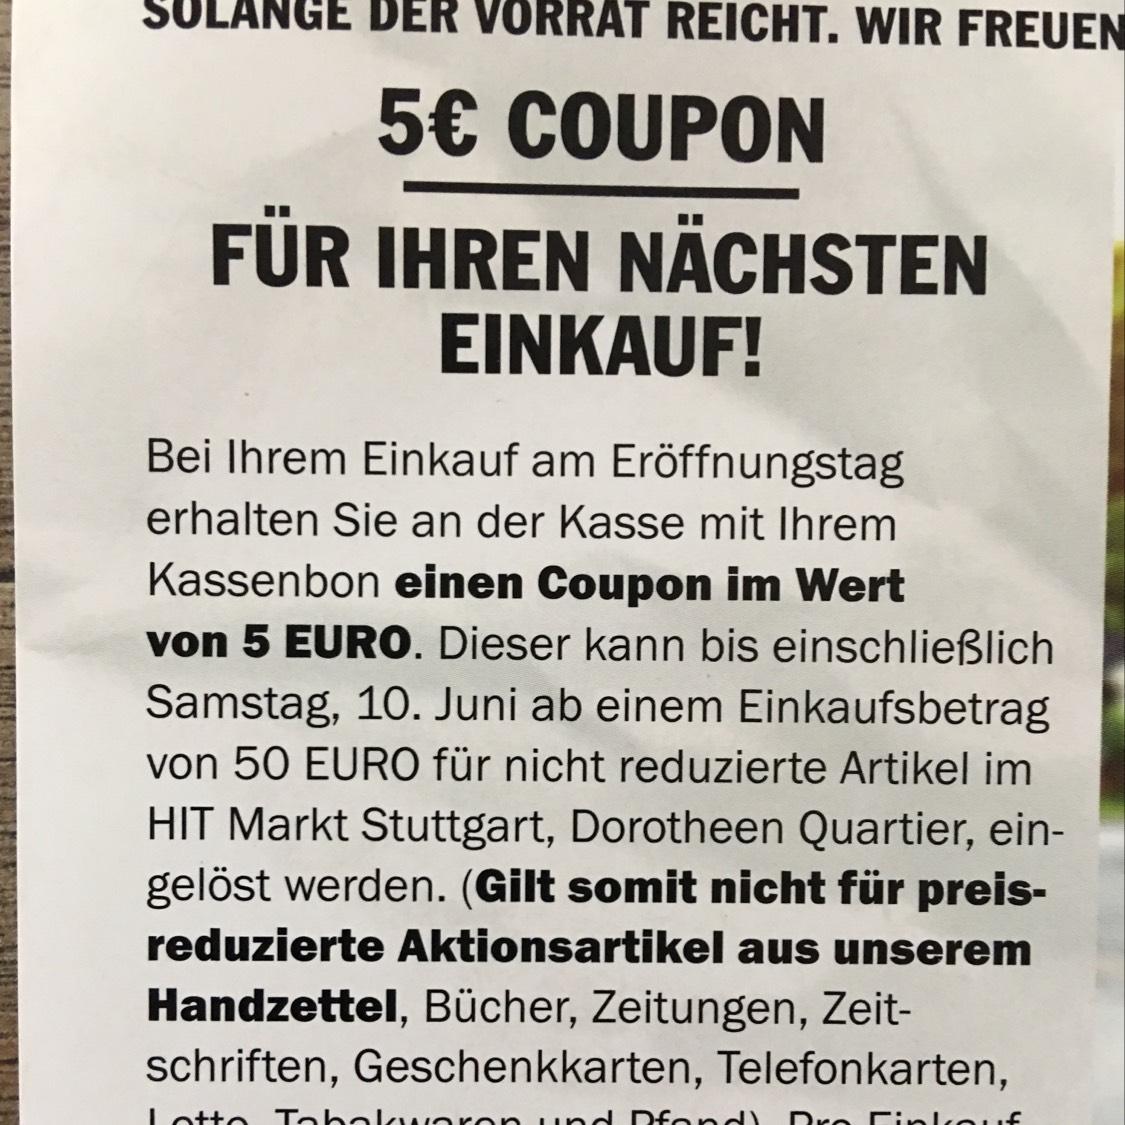 [LOKAL Stuttgart] 5€ Rabatt ab 50€ Einkaufswert im HIT Markt Dorotheenquartier (U Rathaus)